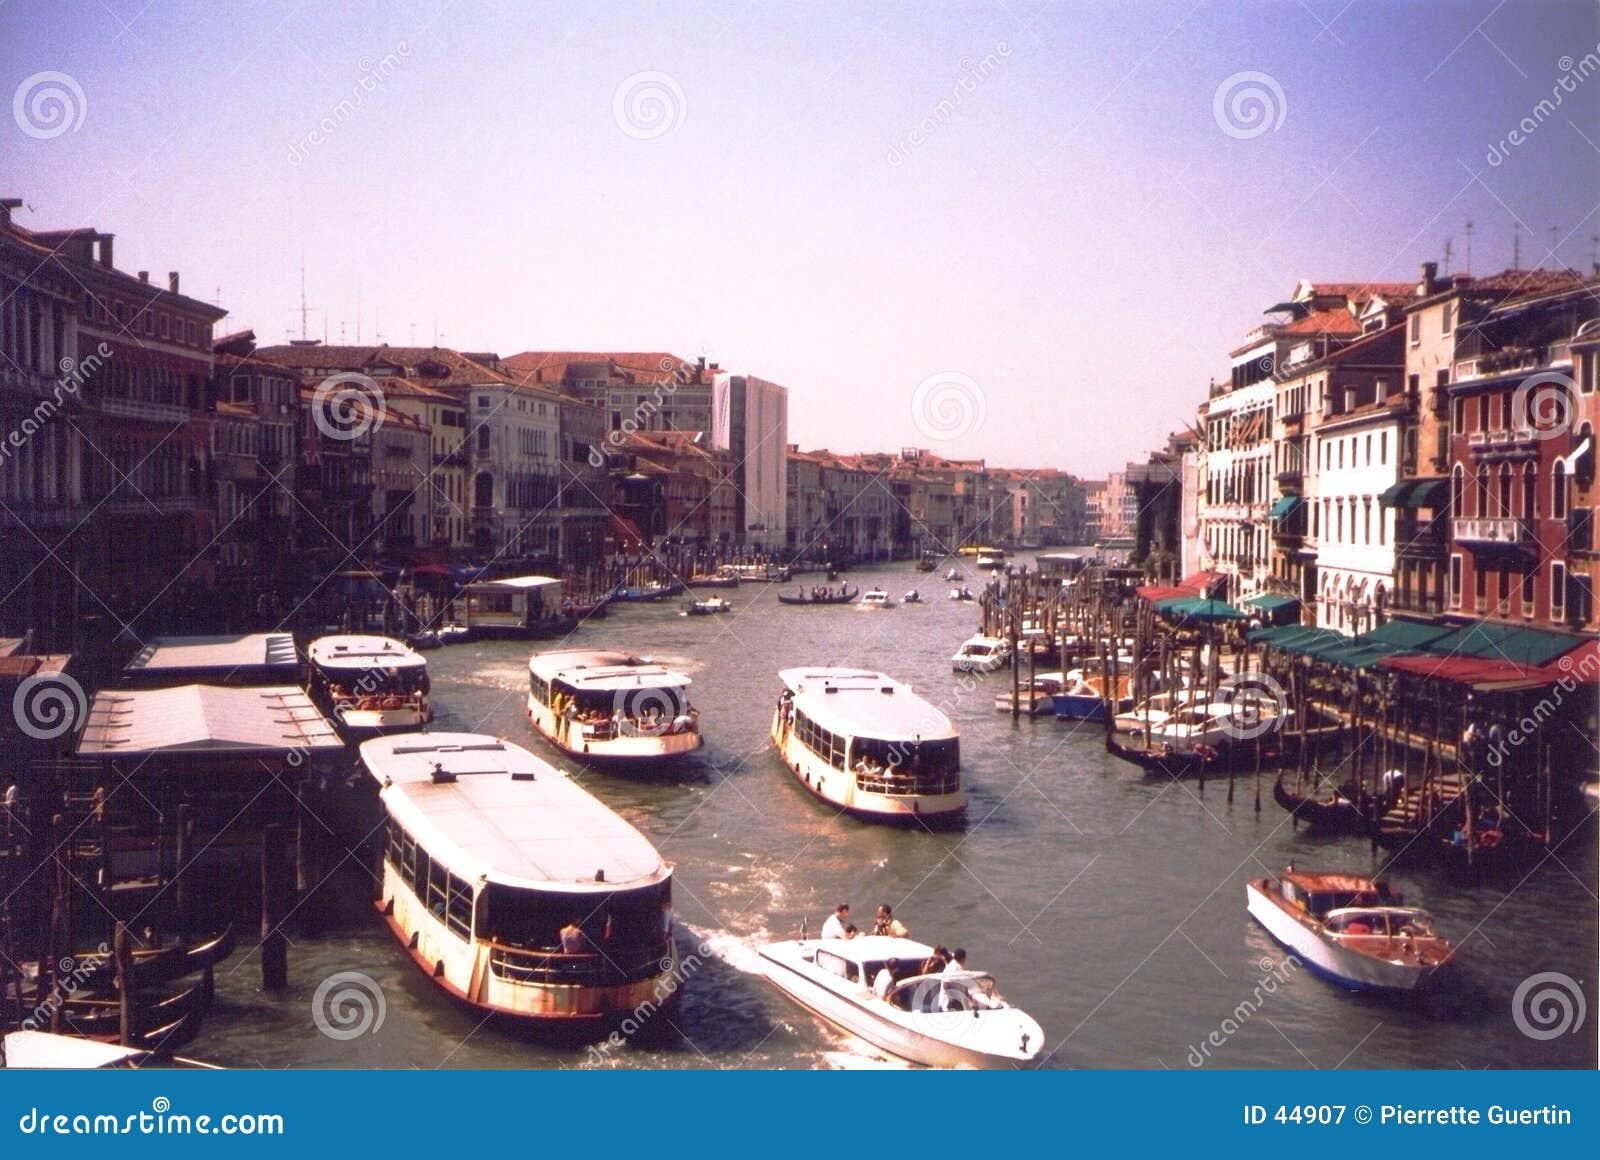 Download Canal Magnífico - Venecia Italia Imagen de archivo - Imagen de gondola, turismo: 44907